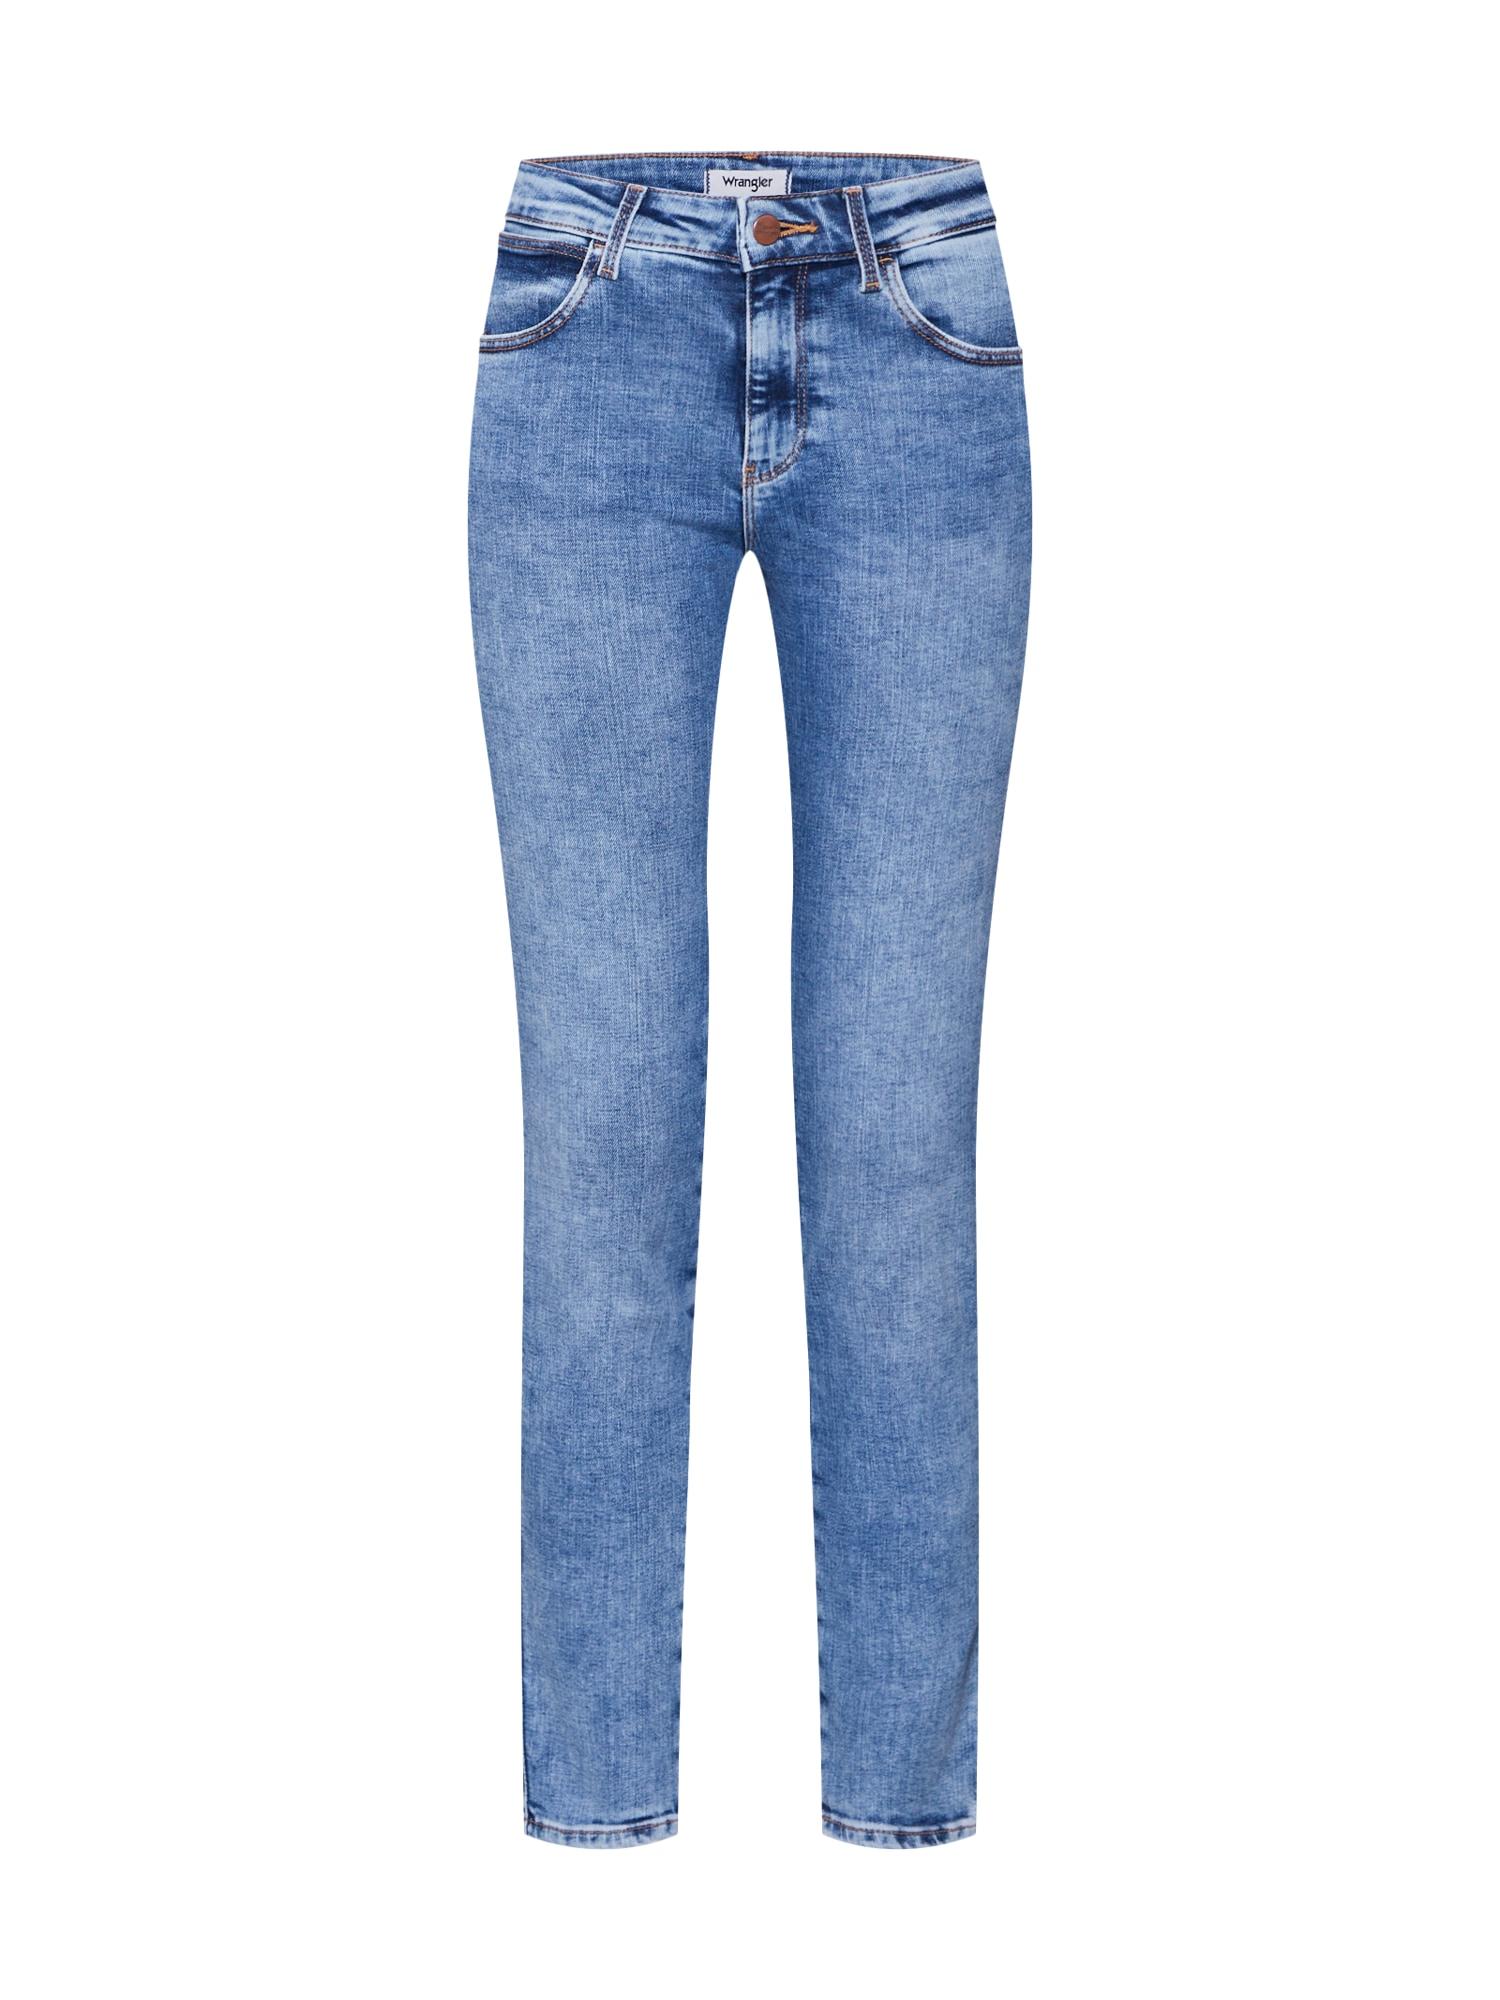 WRANGLER Džinsai tamsiai (džinso) mėlyna